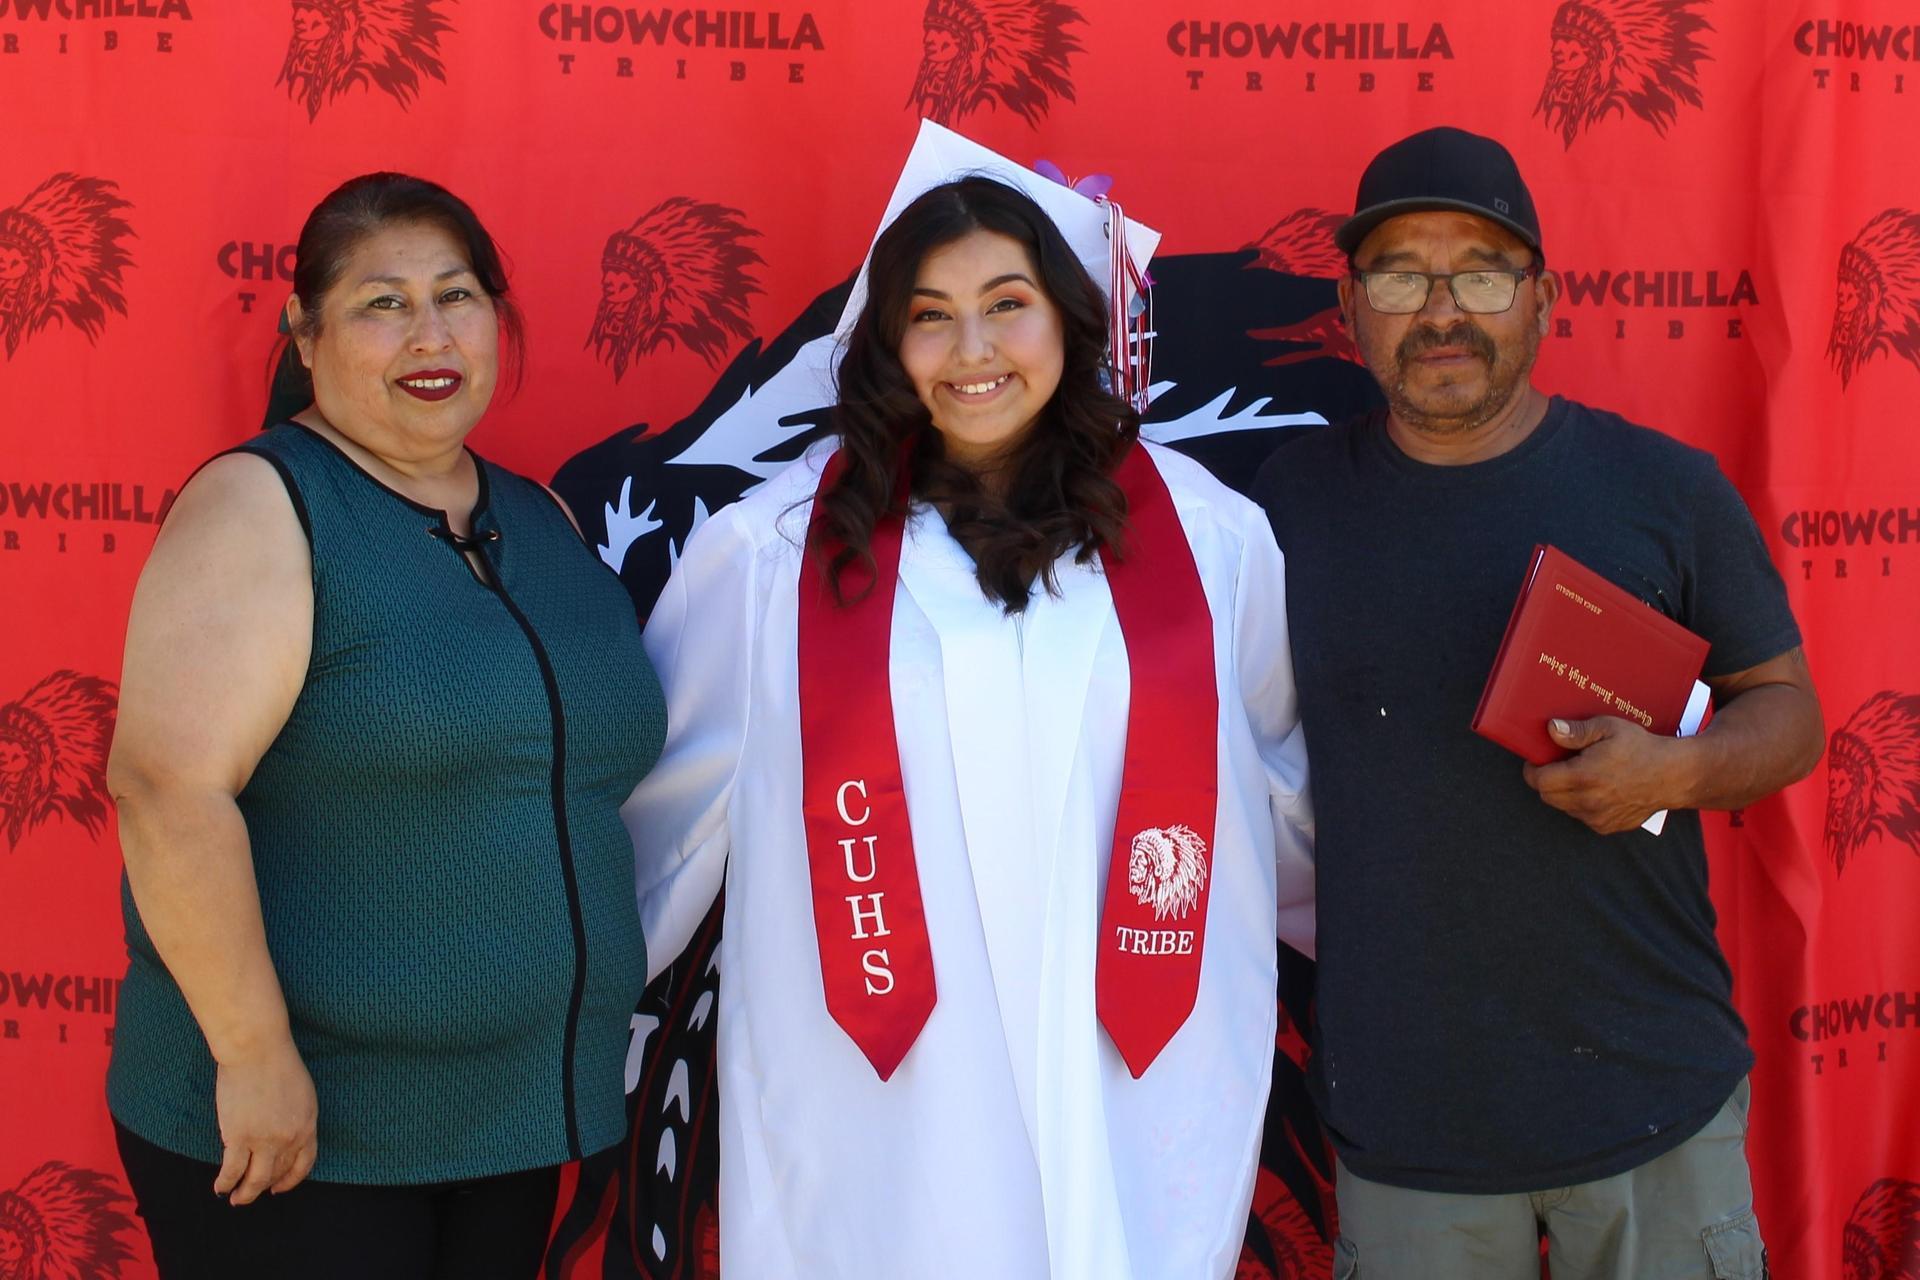 Jessica Delgadillo and family